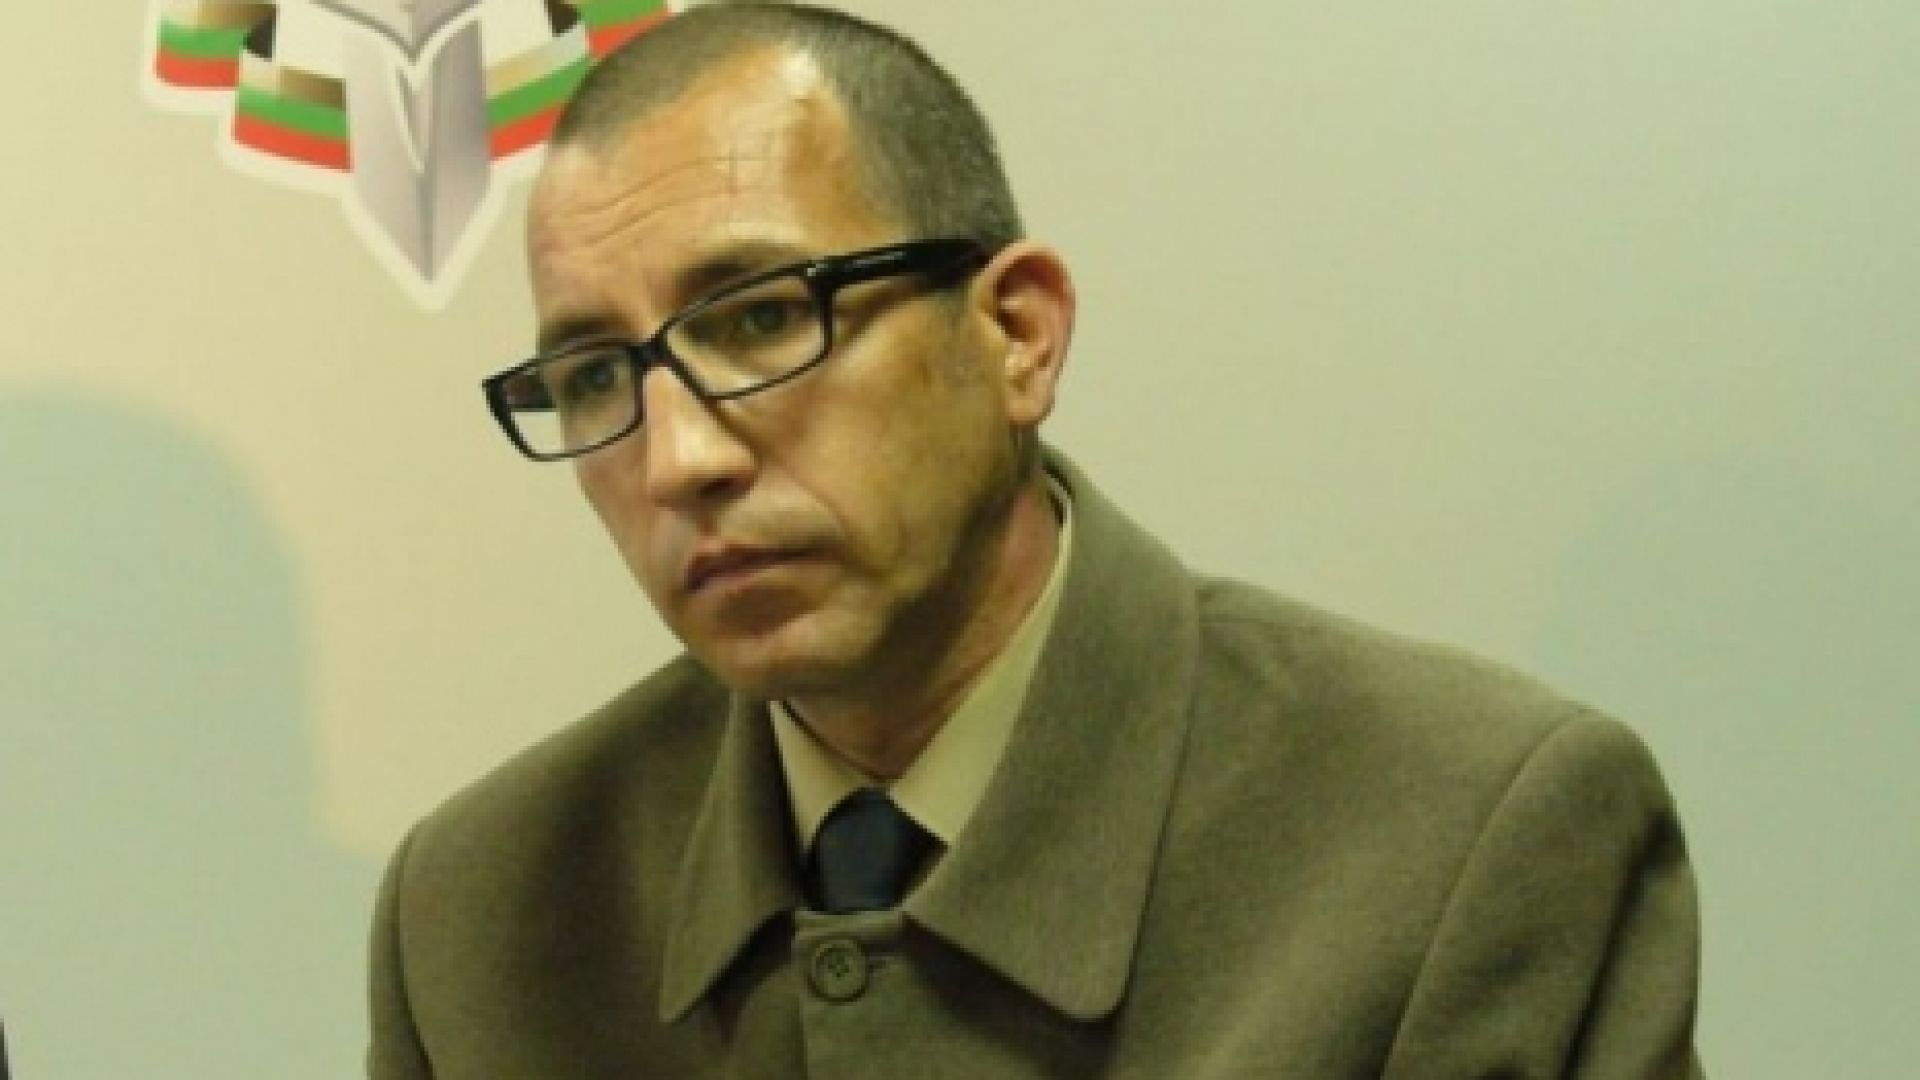 Бившият зам.-районен прокурор на Казанлък Кръстин Кацаров е оправдан по